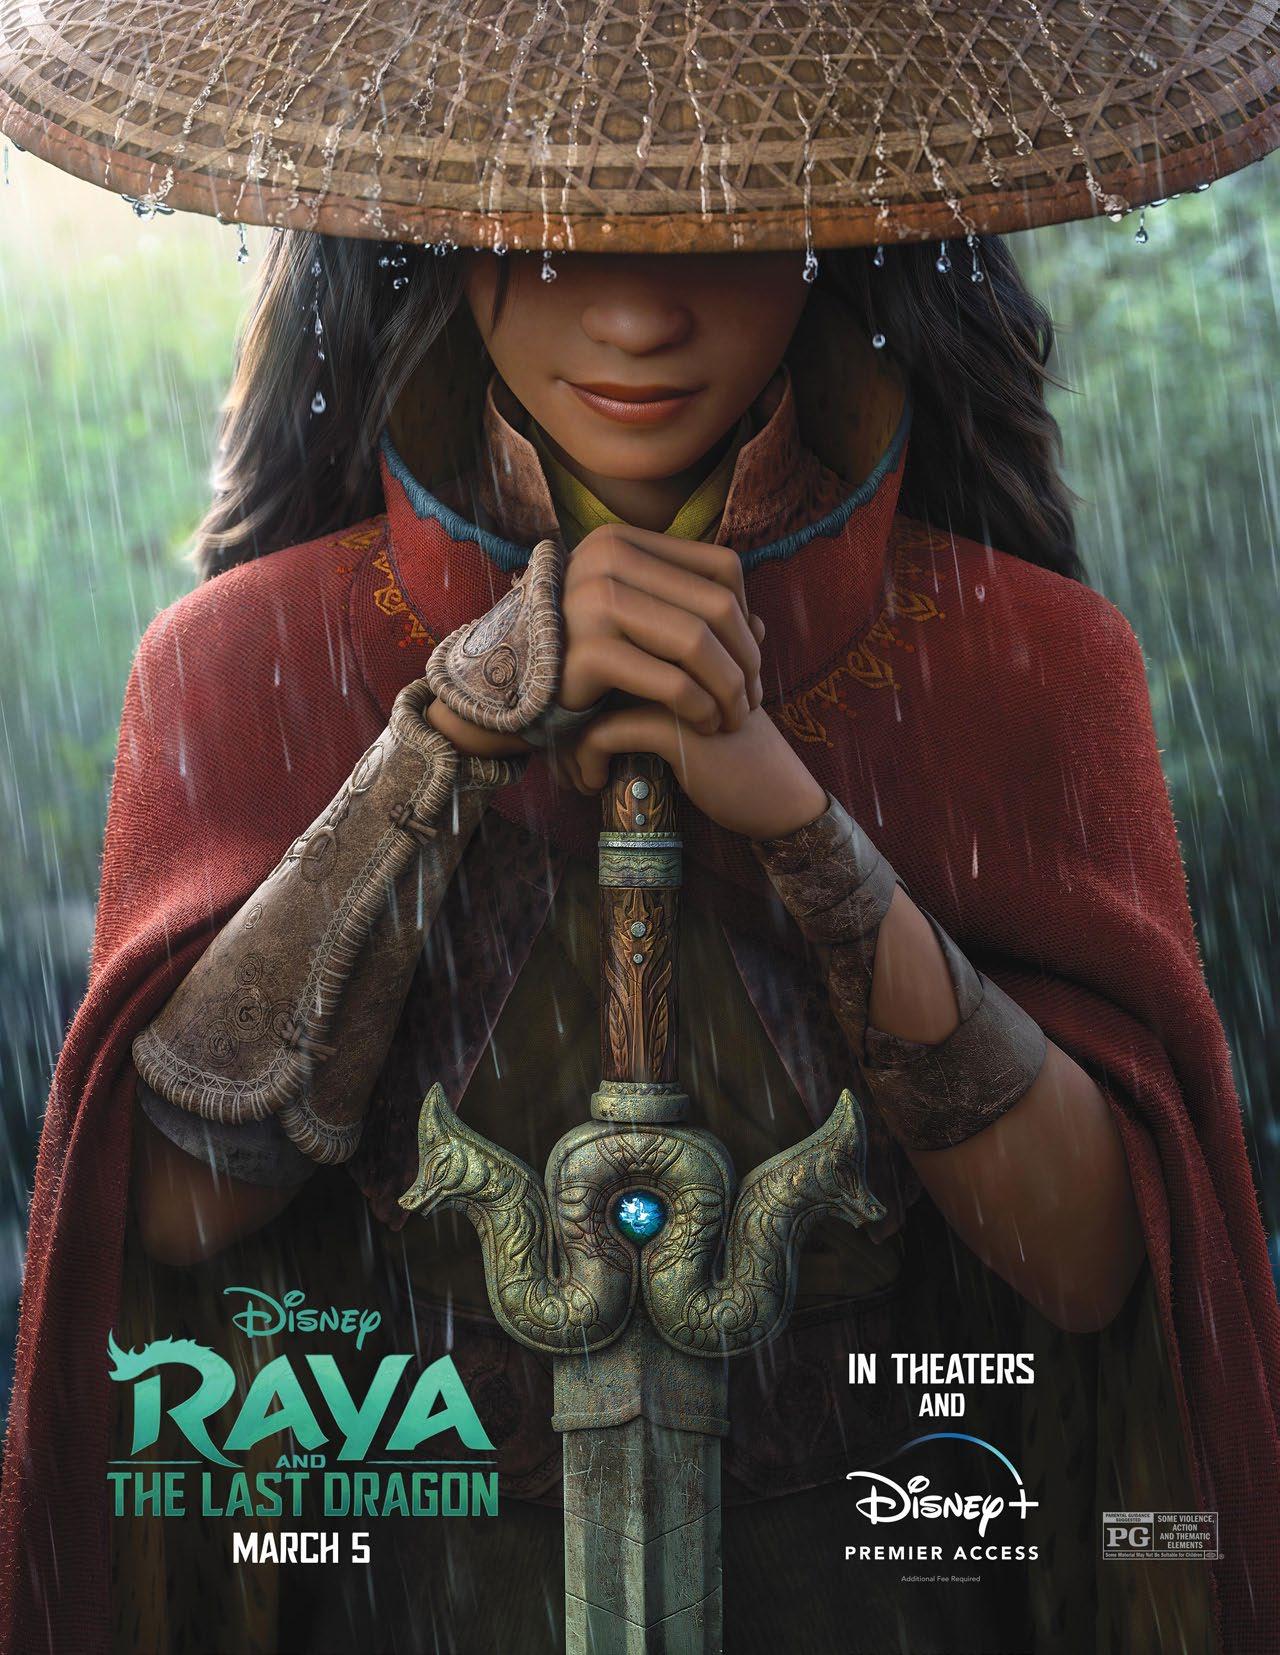 由《冰雪奇缘》金牌团队打造的最新迪士尼原创奇幻动画电影《寻龙传说》获爆赞,首个东南亚公主太飒了!